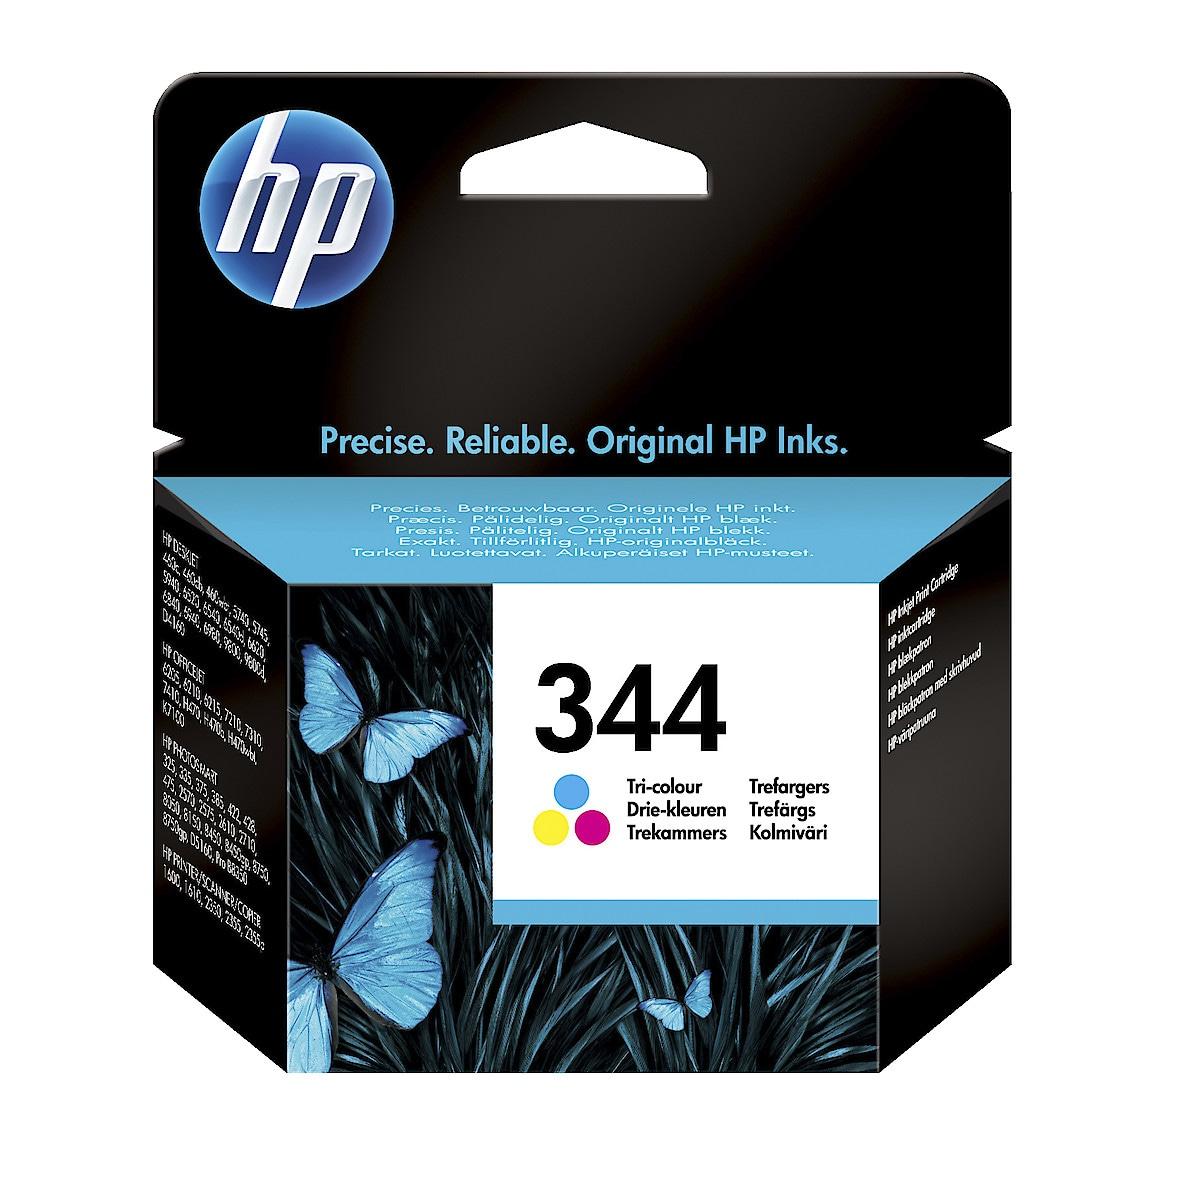 HP 344 Ink Cartridges